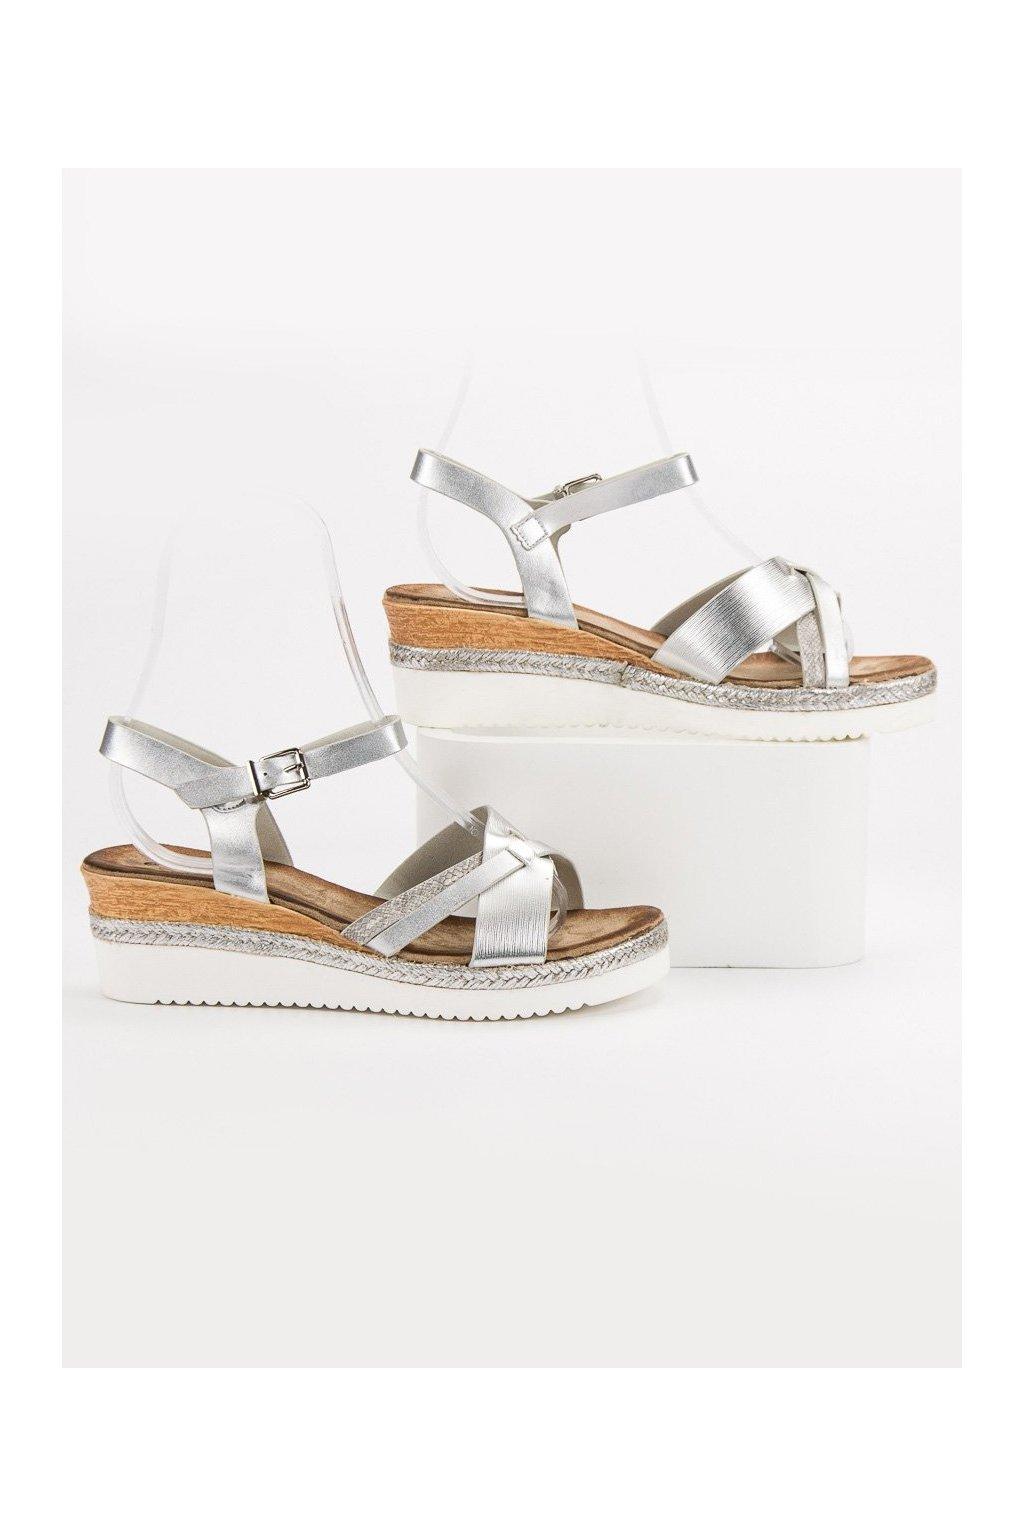 Sivé sandále Evento NJSK 9SD35-0993S